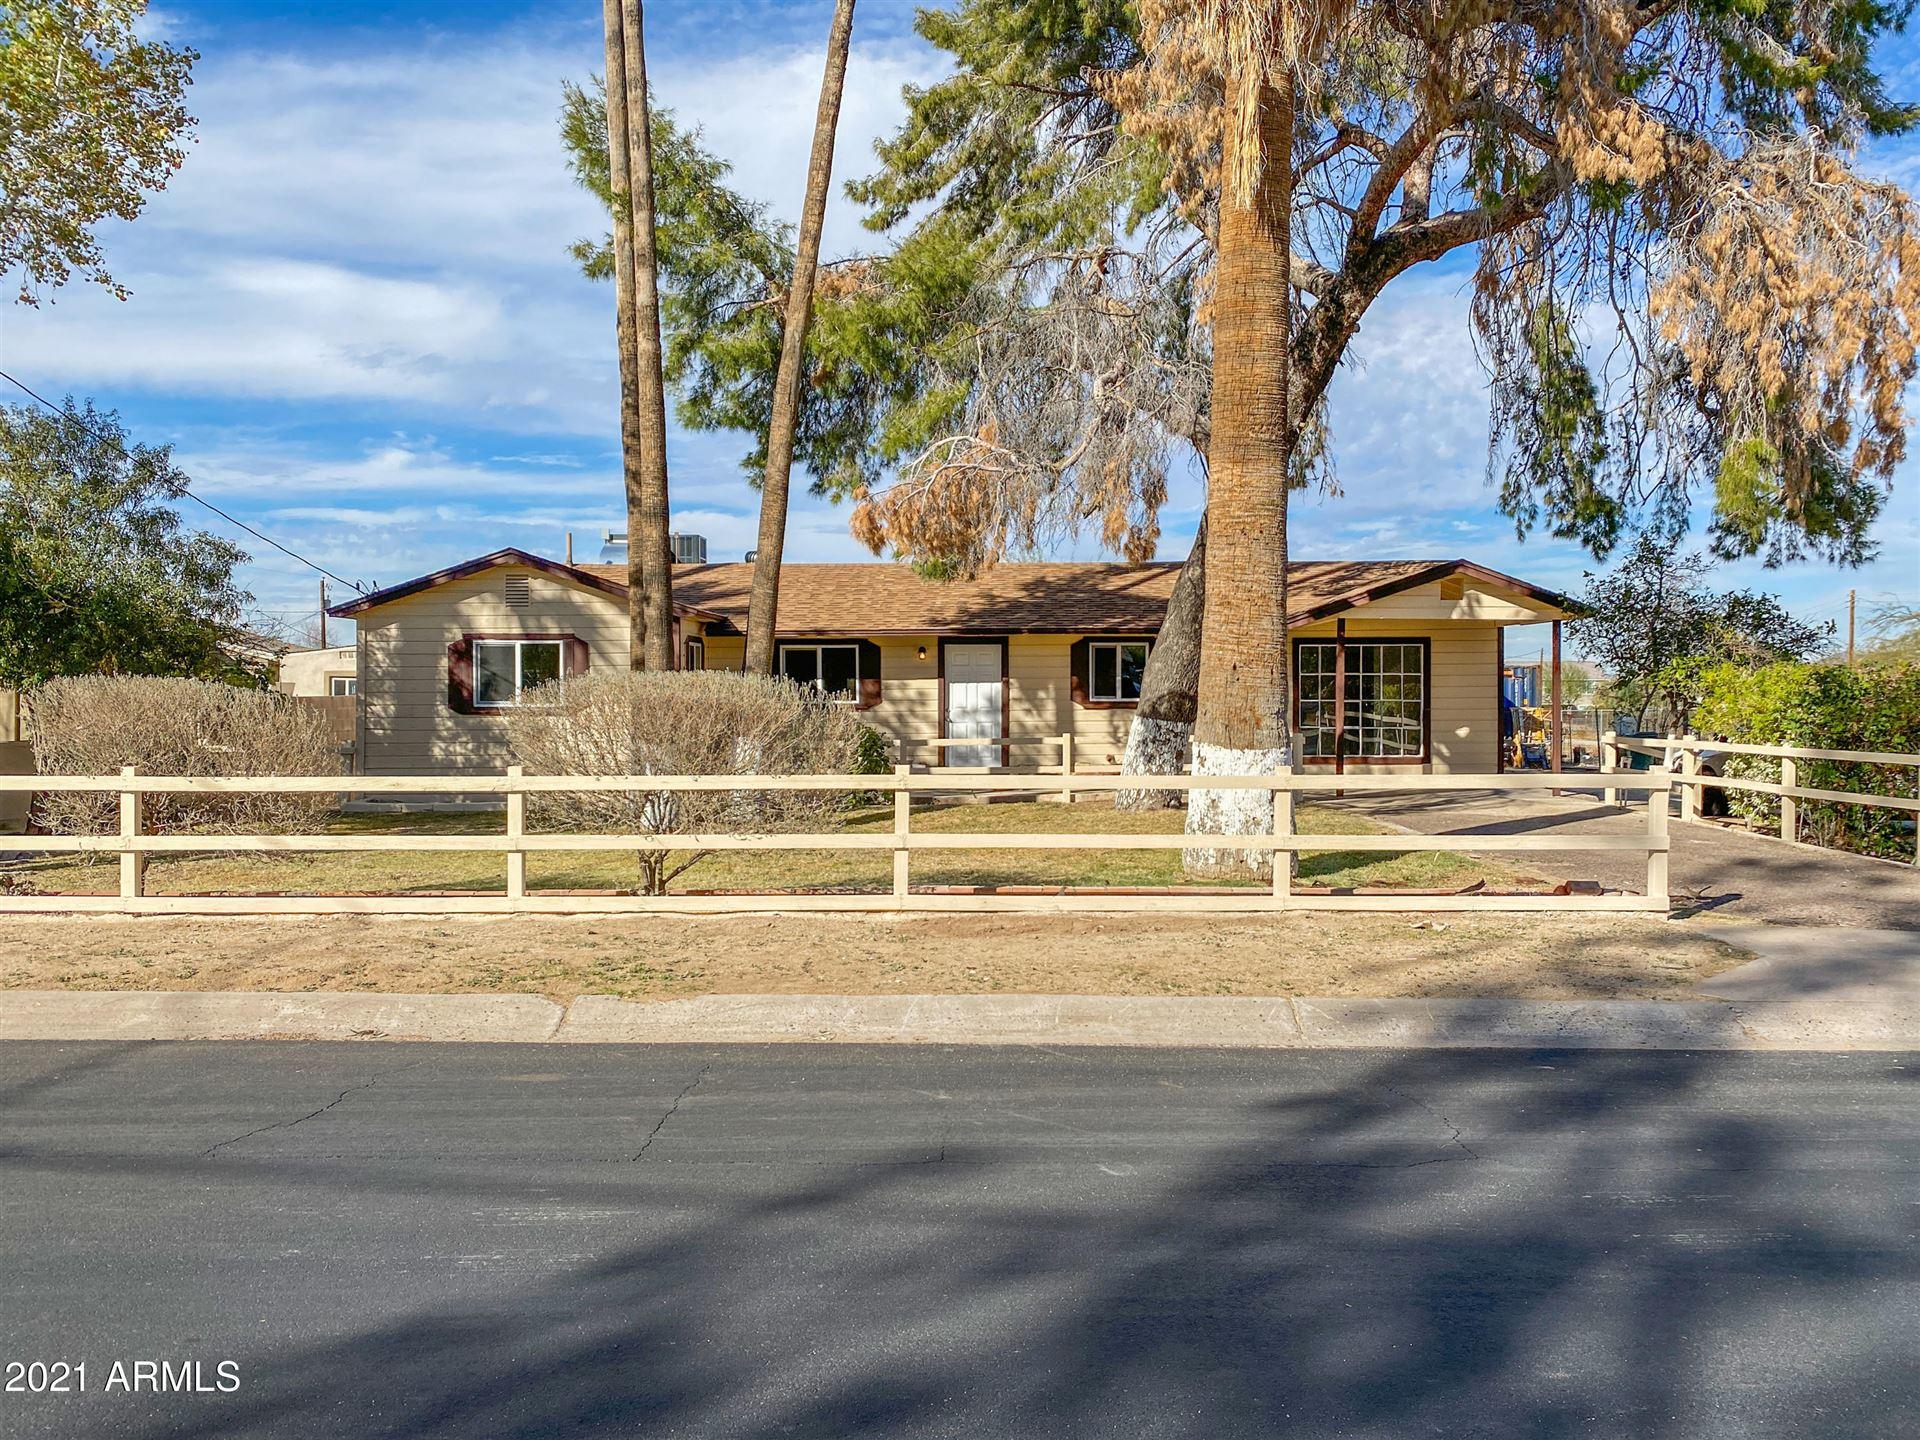 720 E DESERT Lane, Phoenix, AZ 85042 - MLS#: 6187184